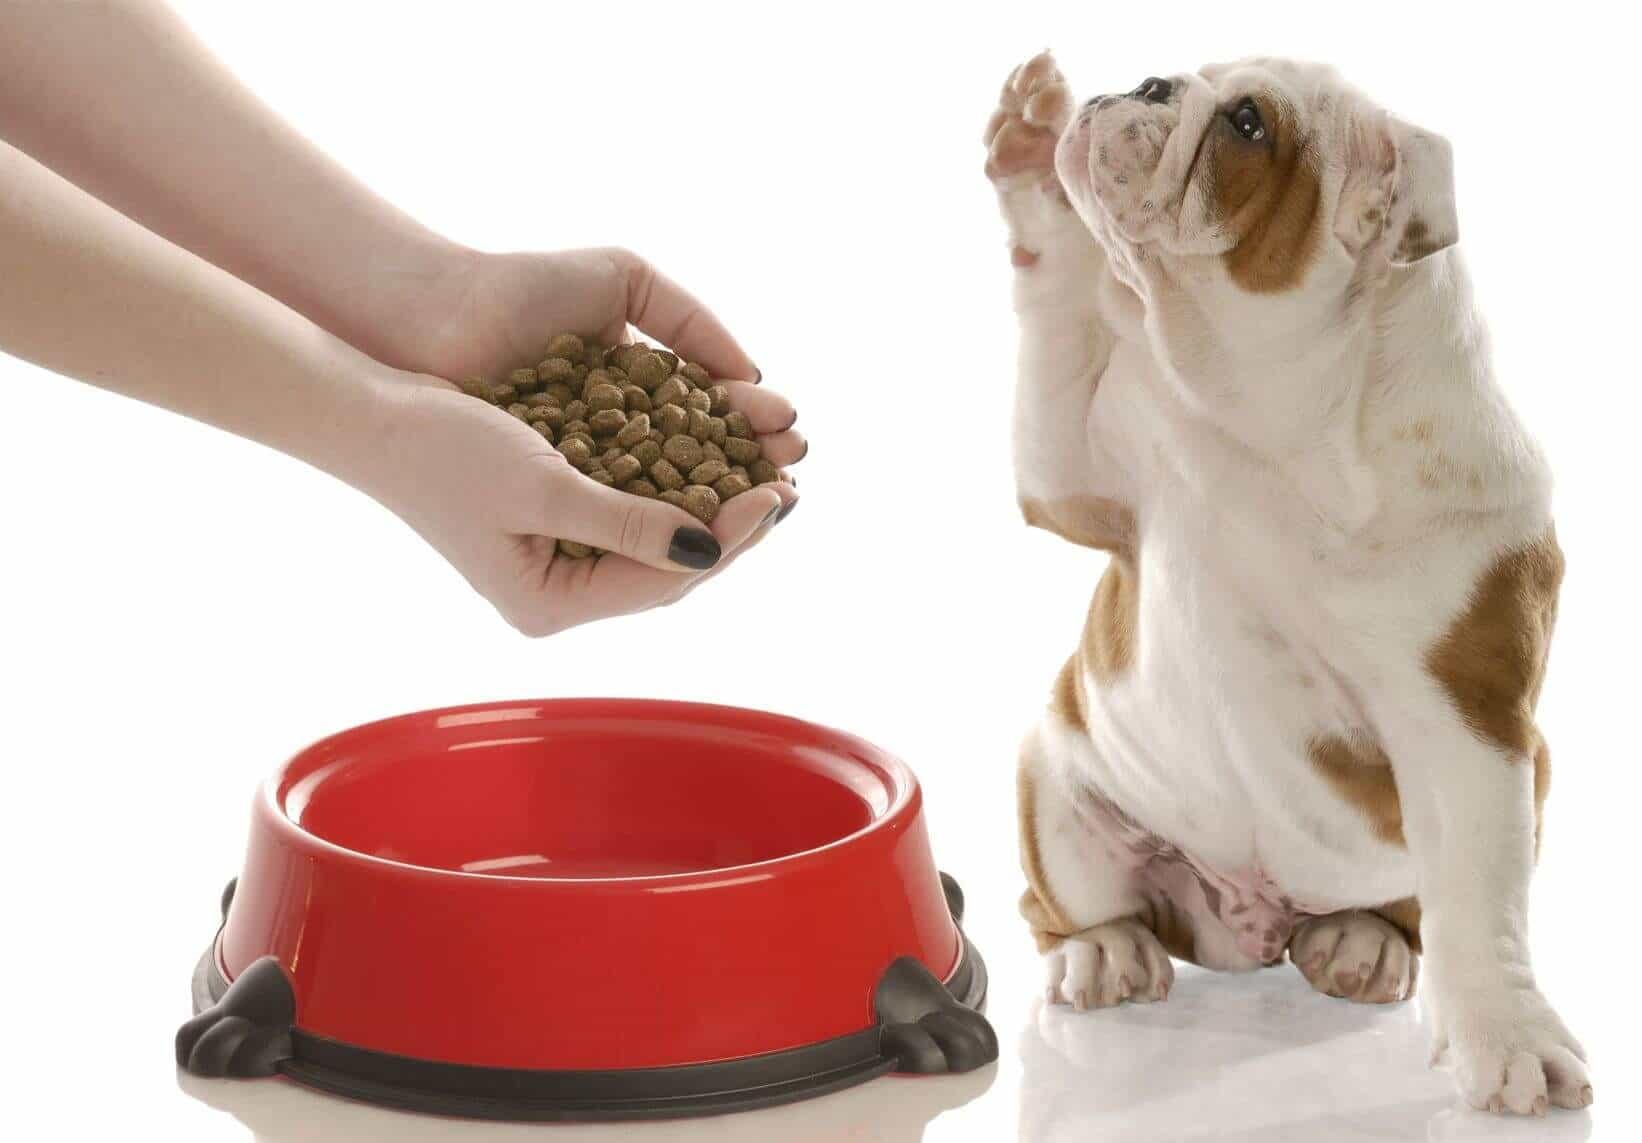 Chó biếng ăn do không phải thức ăn nó thích